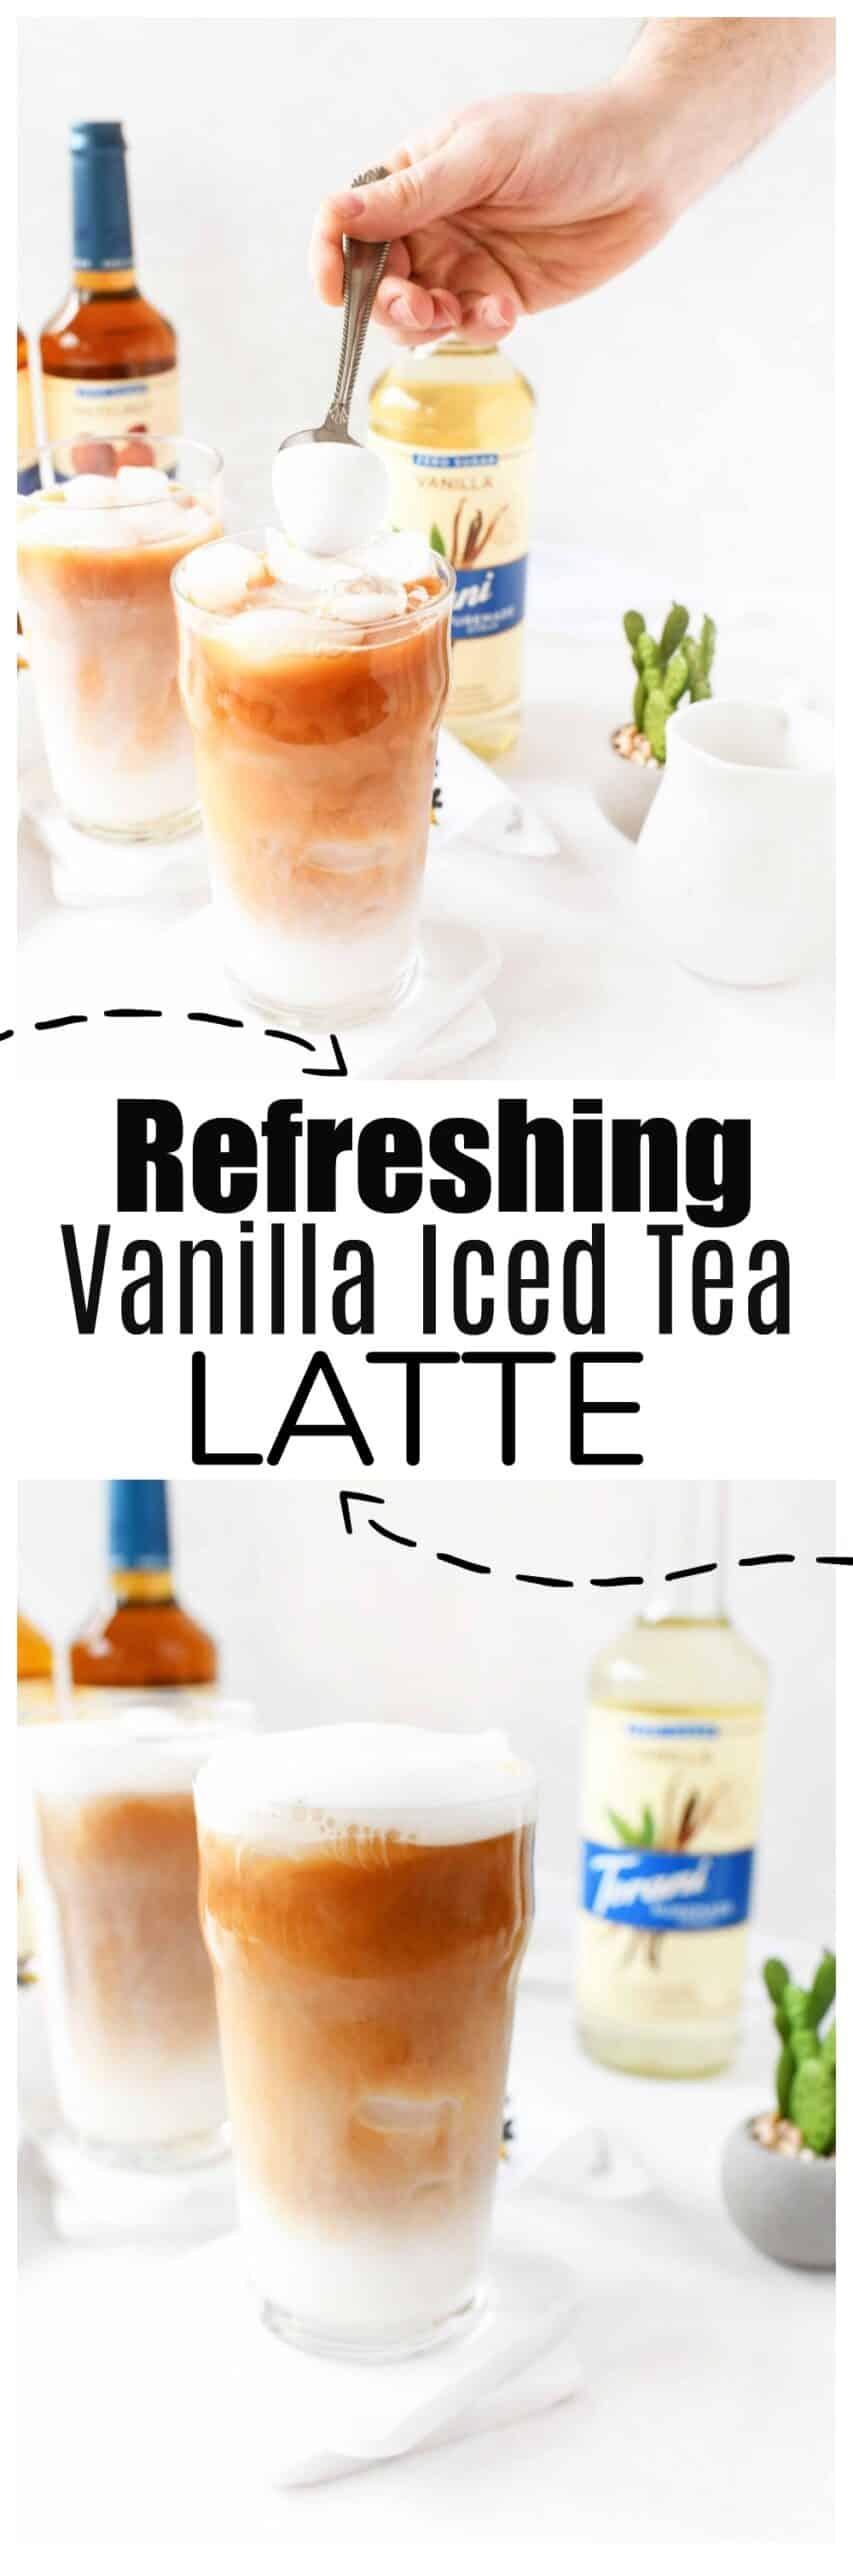 Vanilla Iced Tea Latte Recipe